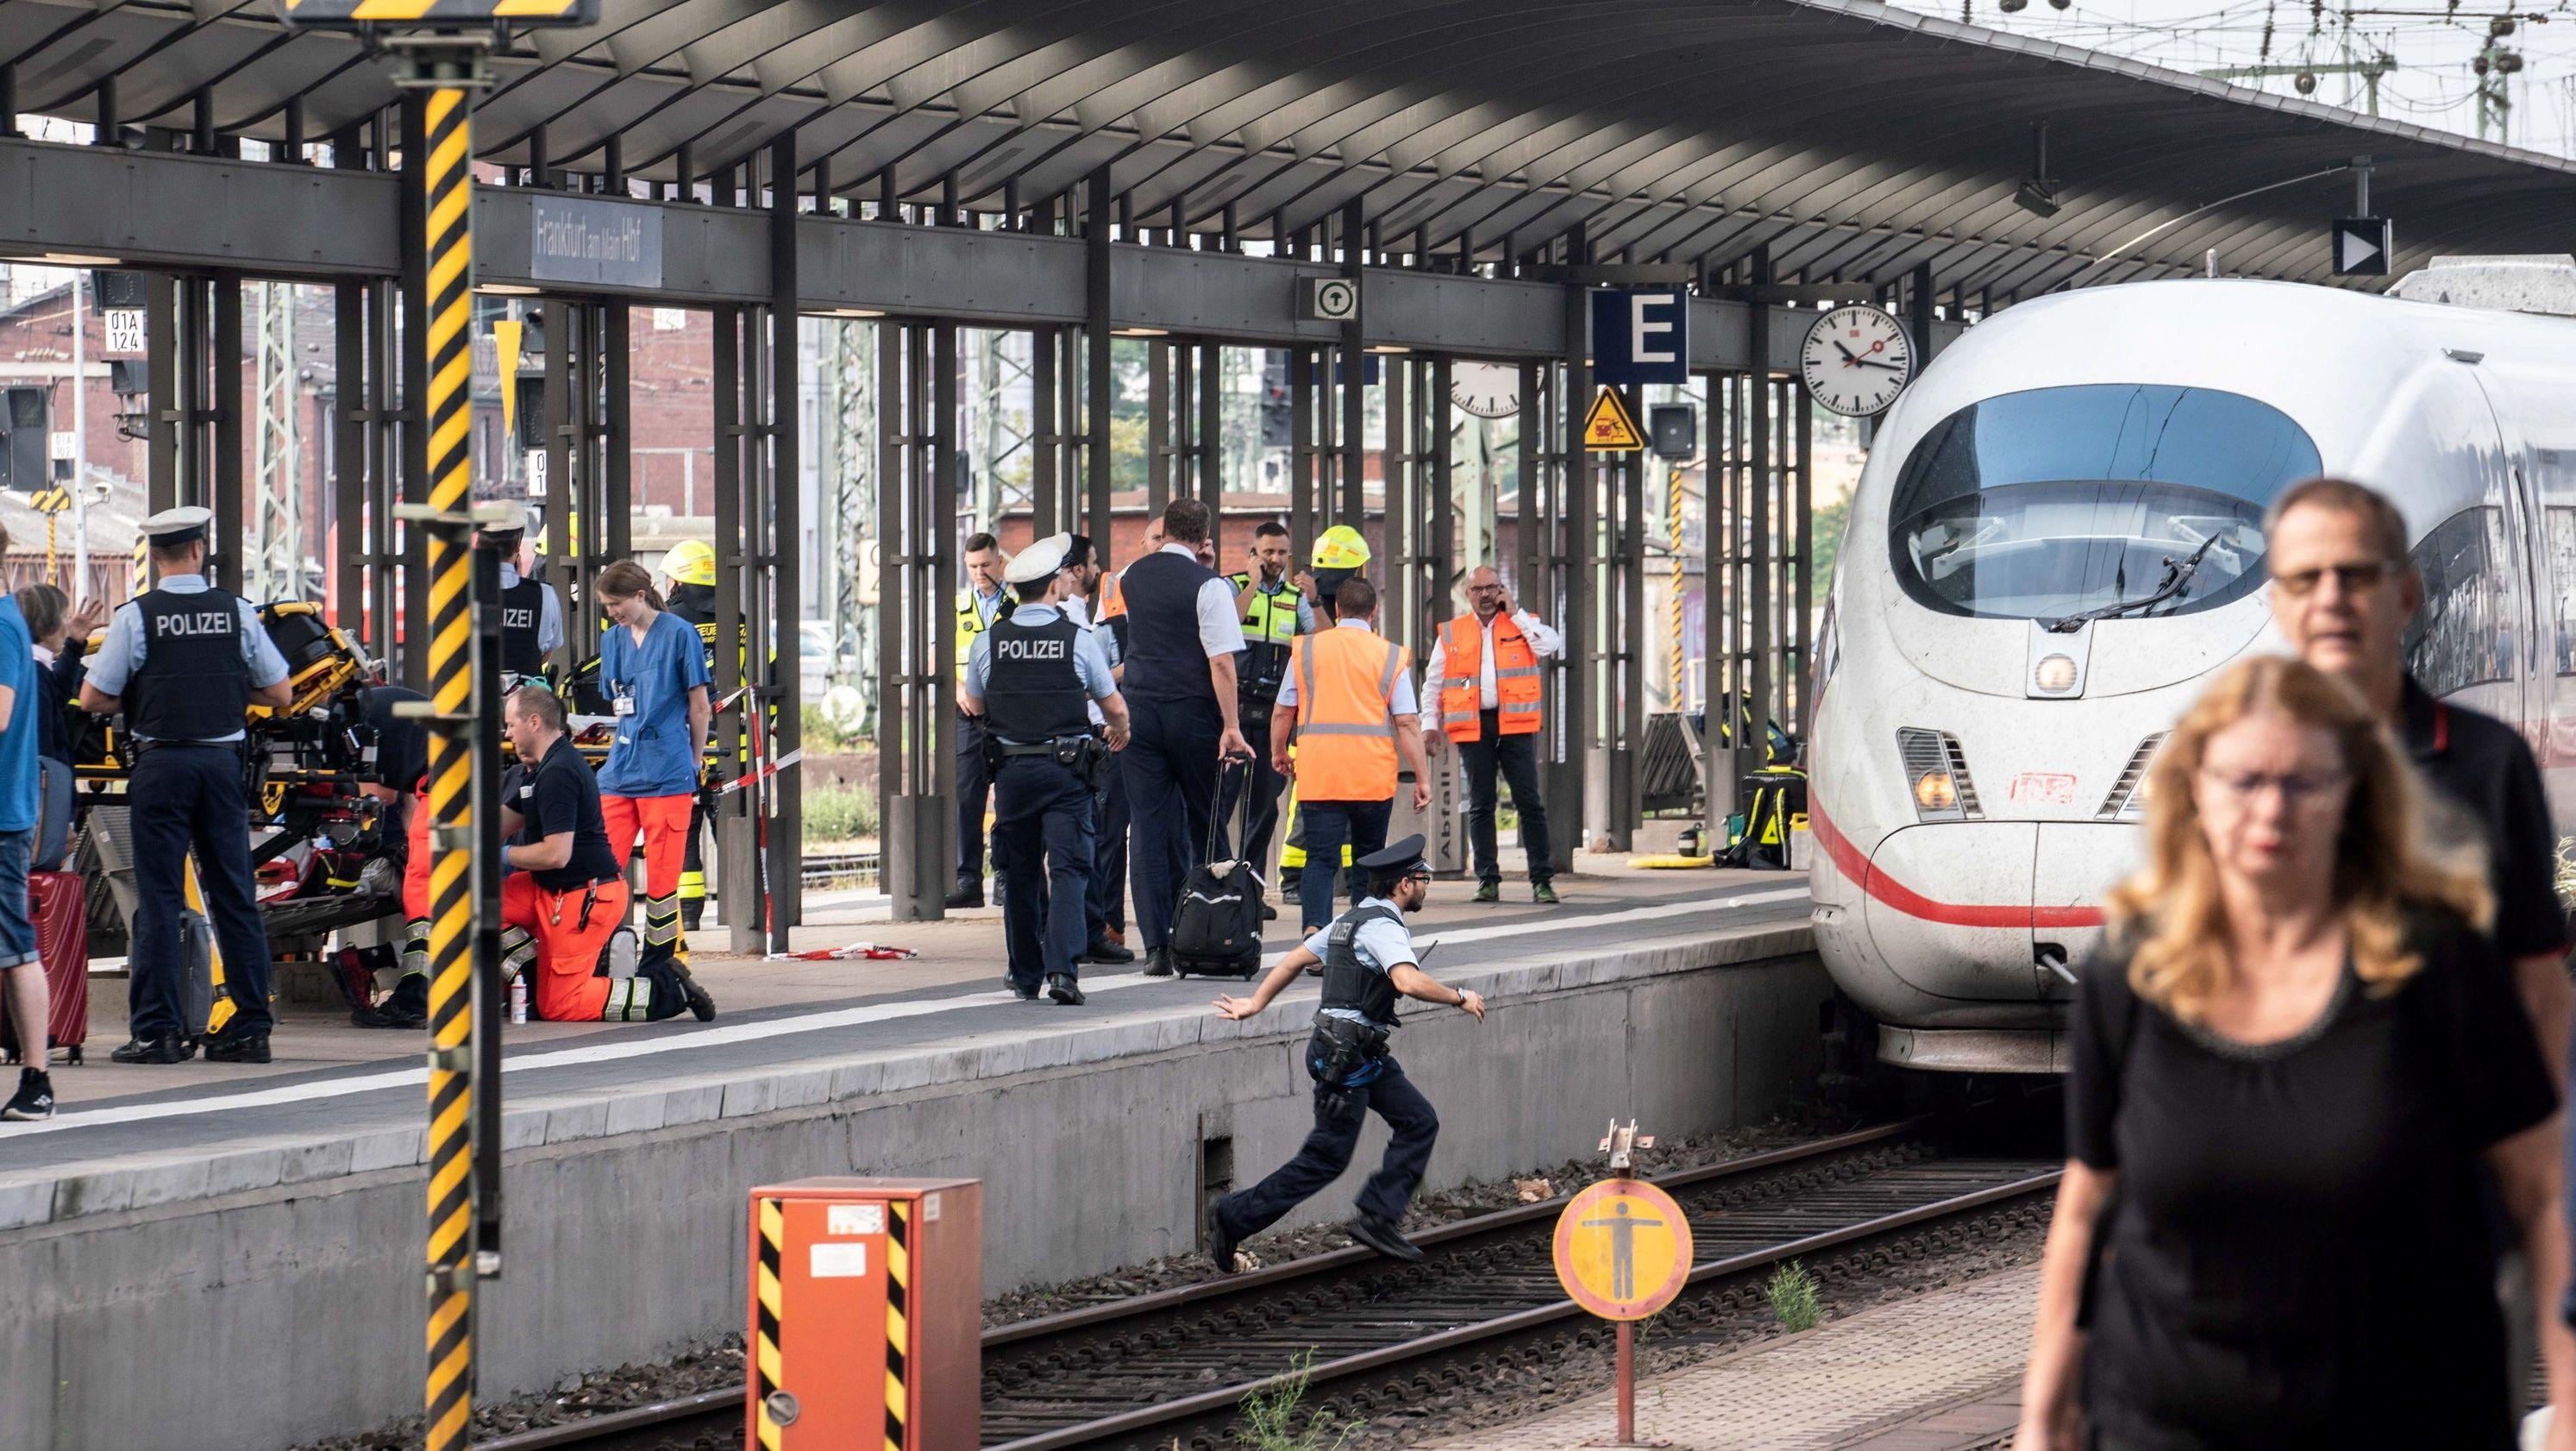 Ein ICE steht am Gleis 7 des Frankfurter Hauptbahnhofs, nachdem es bei der Einfahrt des Zuges zu einem tödlichen Zwischenfall mit einem achtjährigen Kind kam